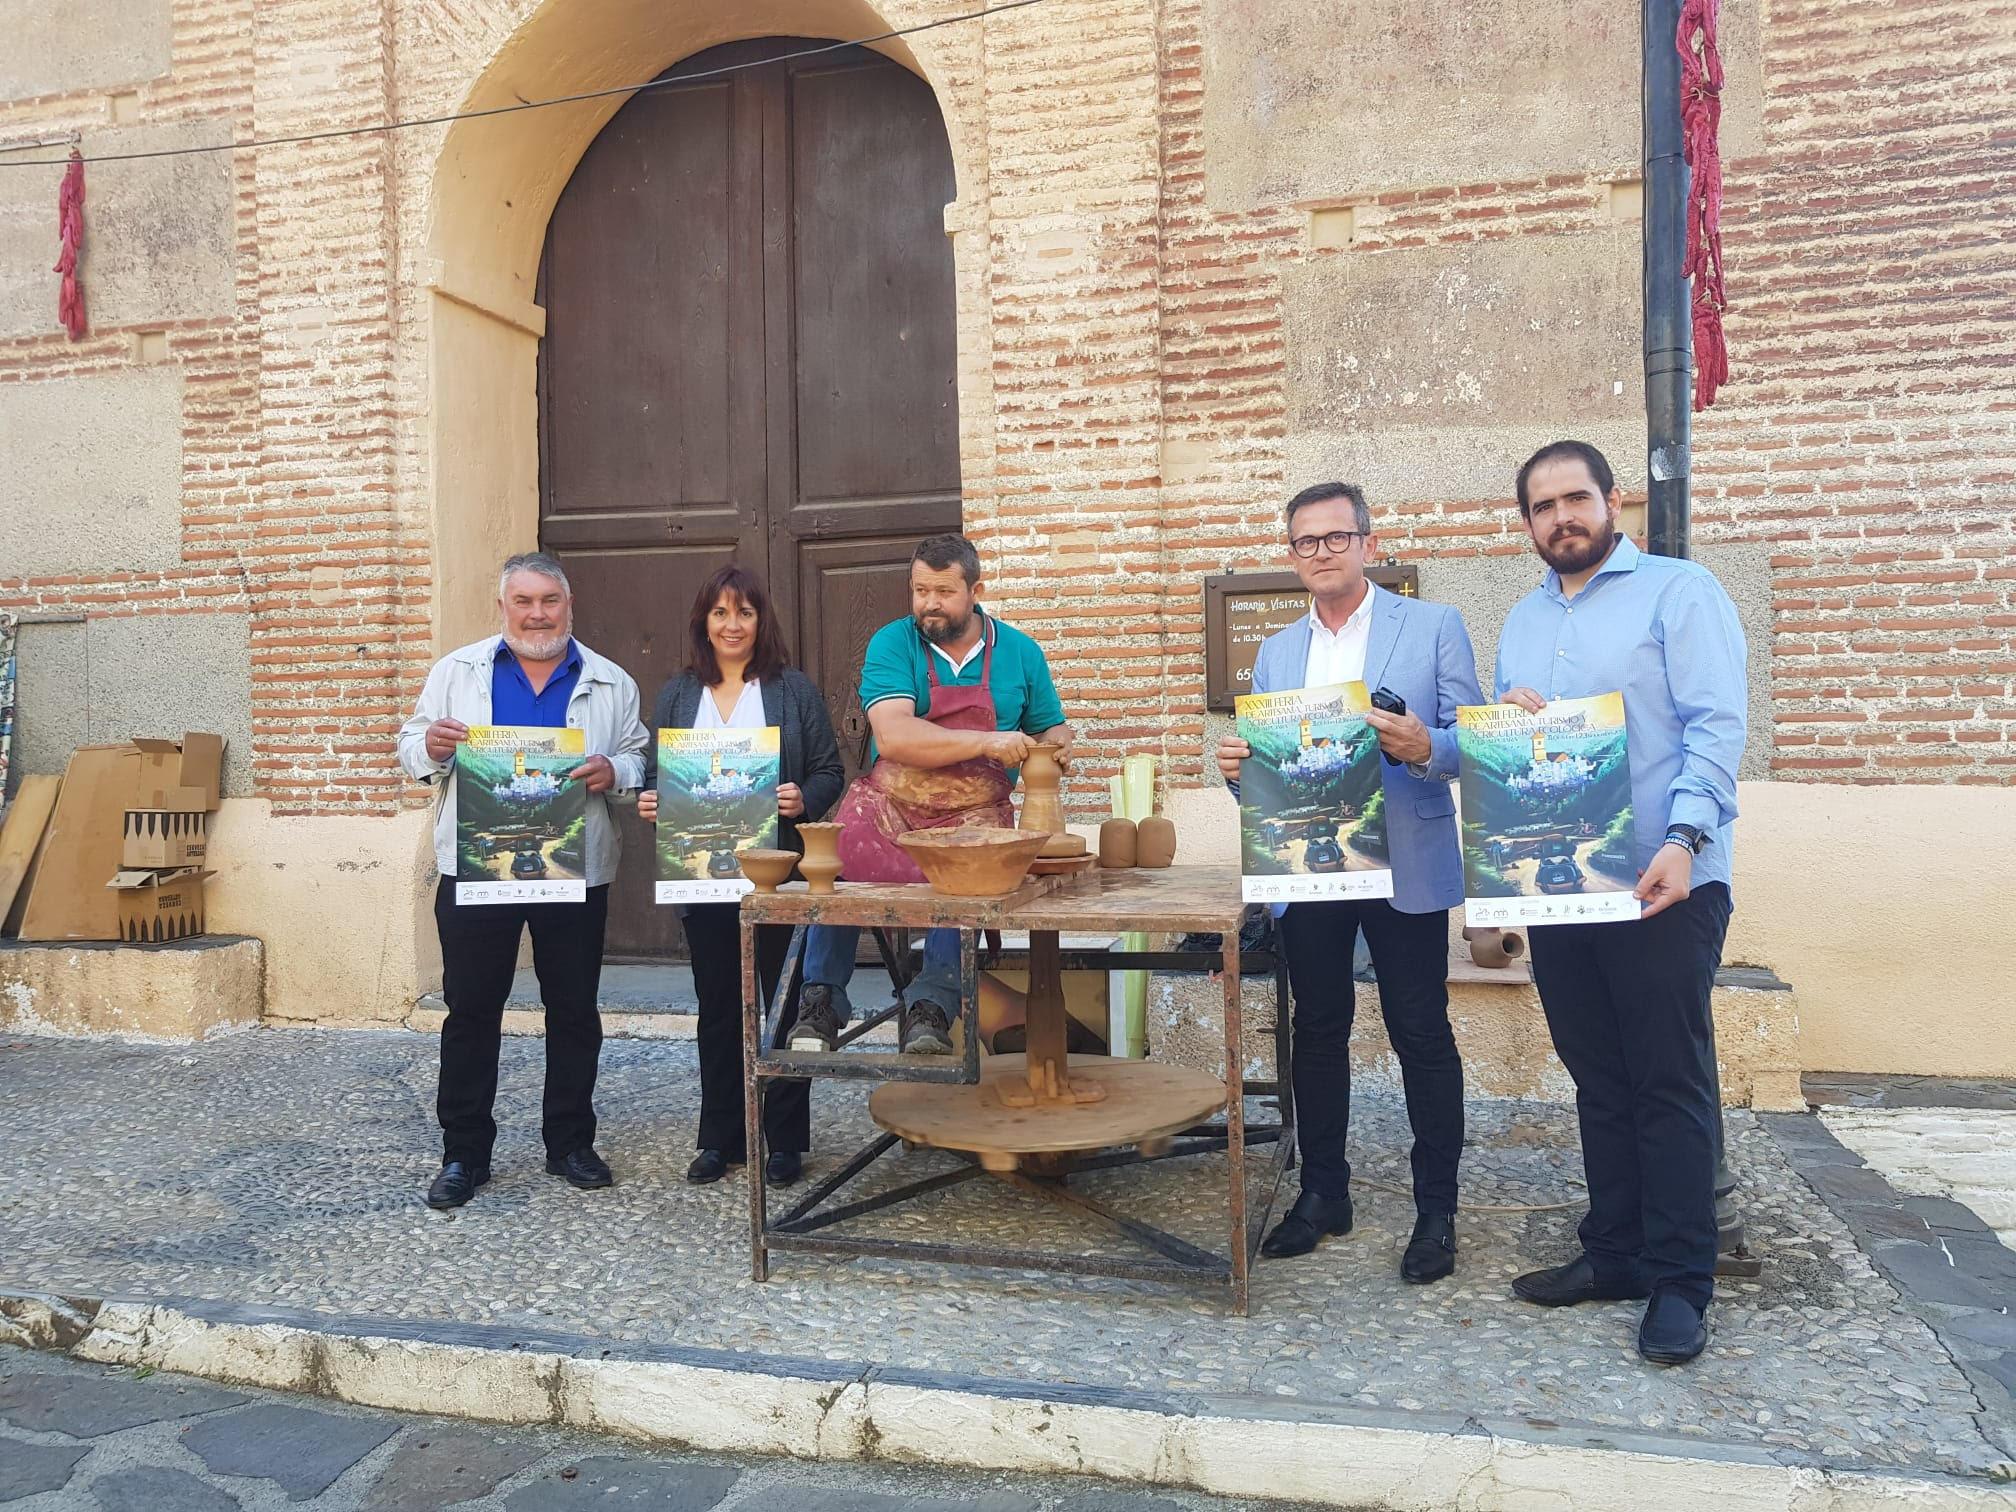 Arranca en Pampaneira la XXXIII edición de la Feria de Artesanía, Turismo y Agricultura Ecológica de La Alpujarra